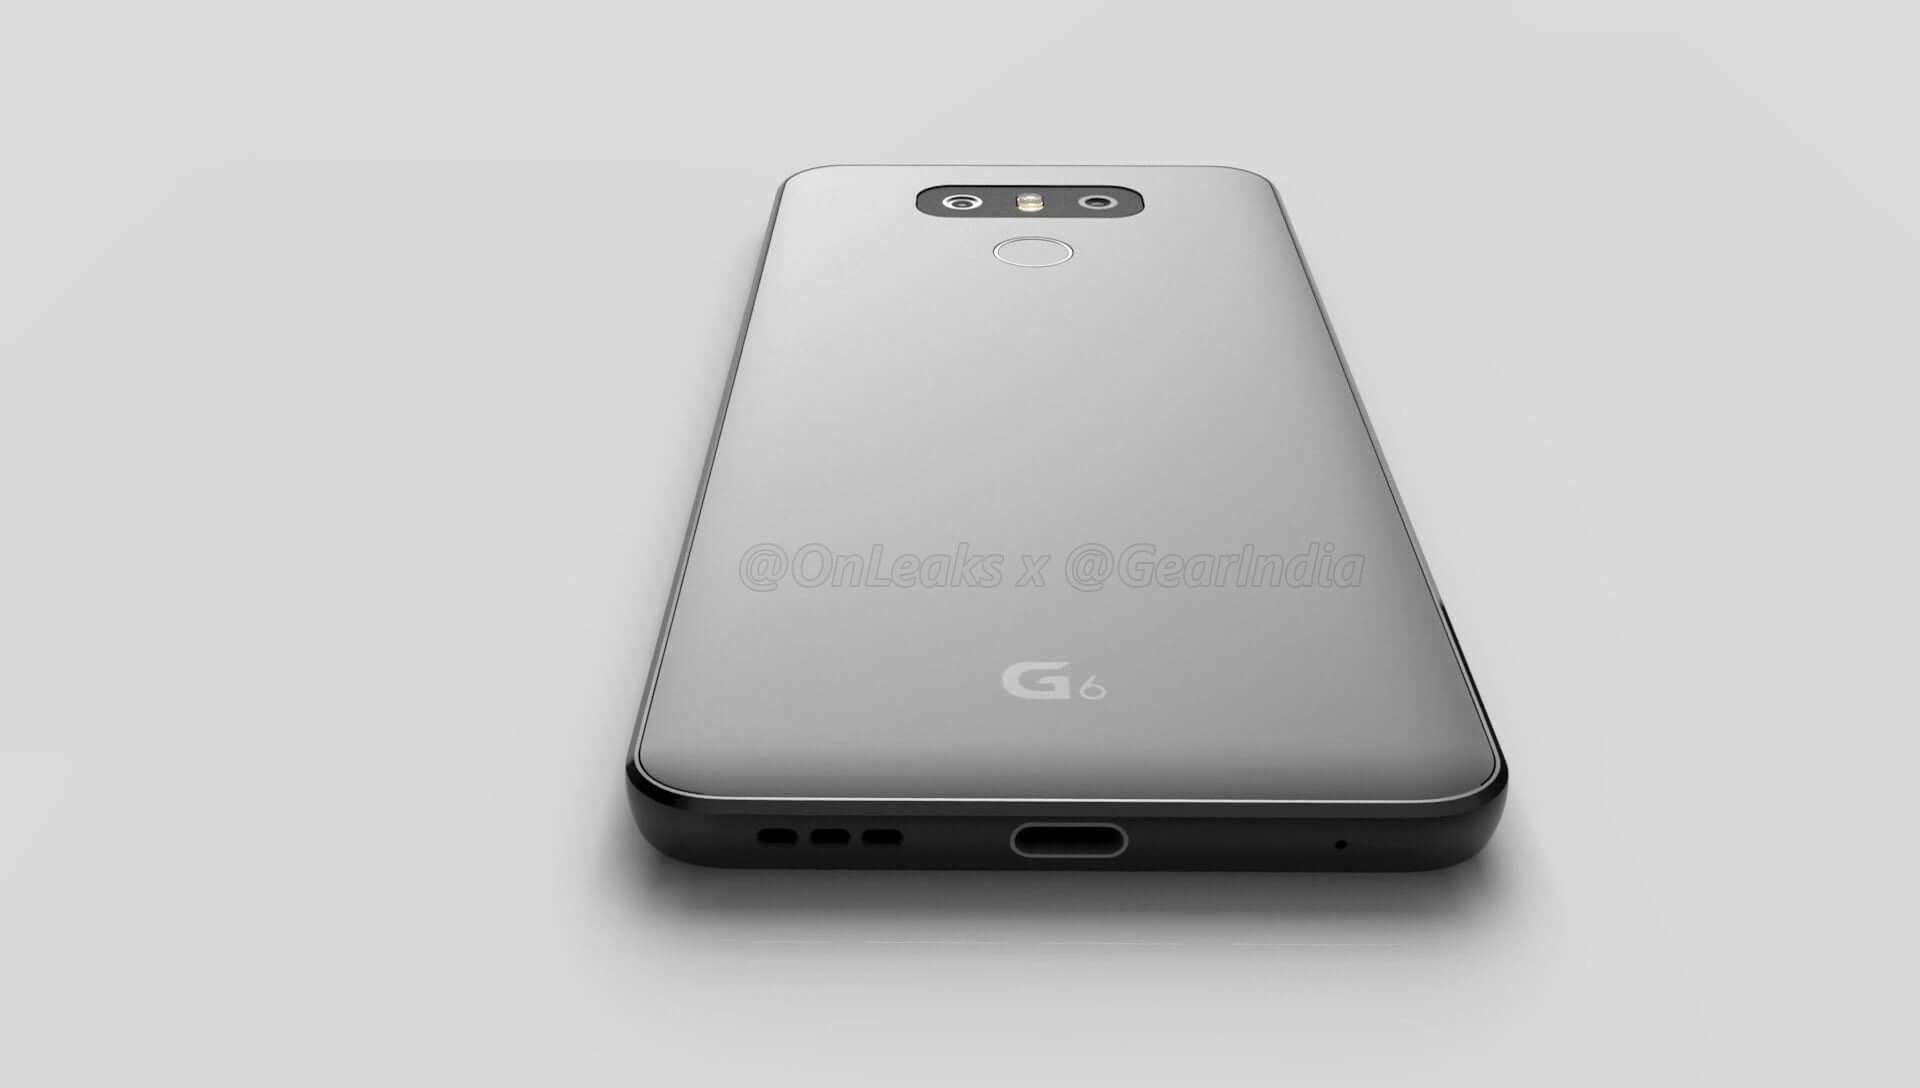 LGG6 018 - Especial: tudo o que sabemos do o LG G6